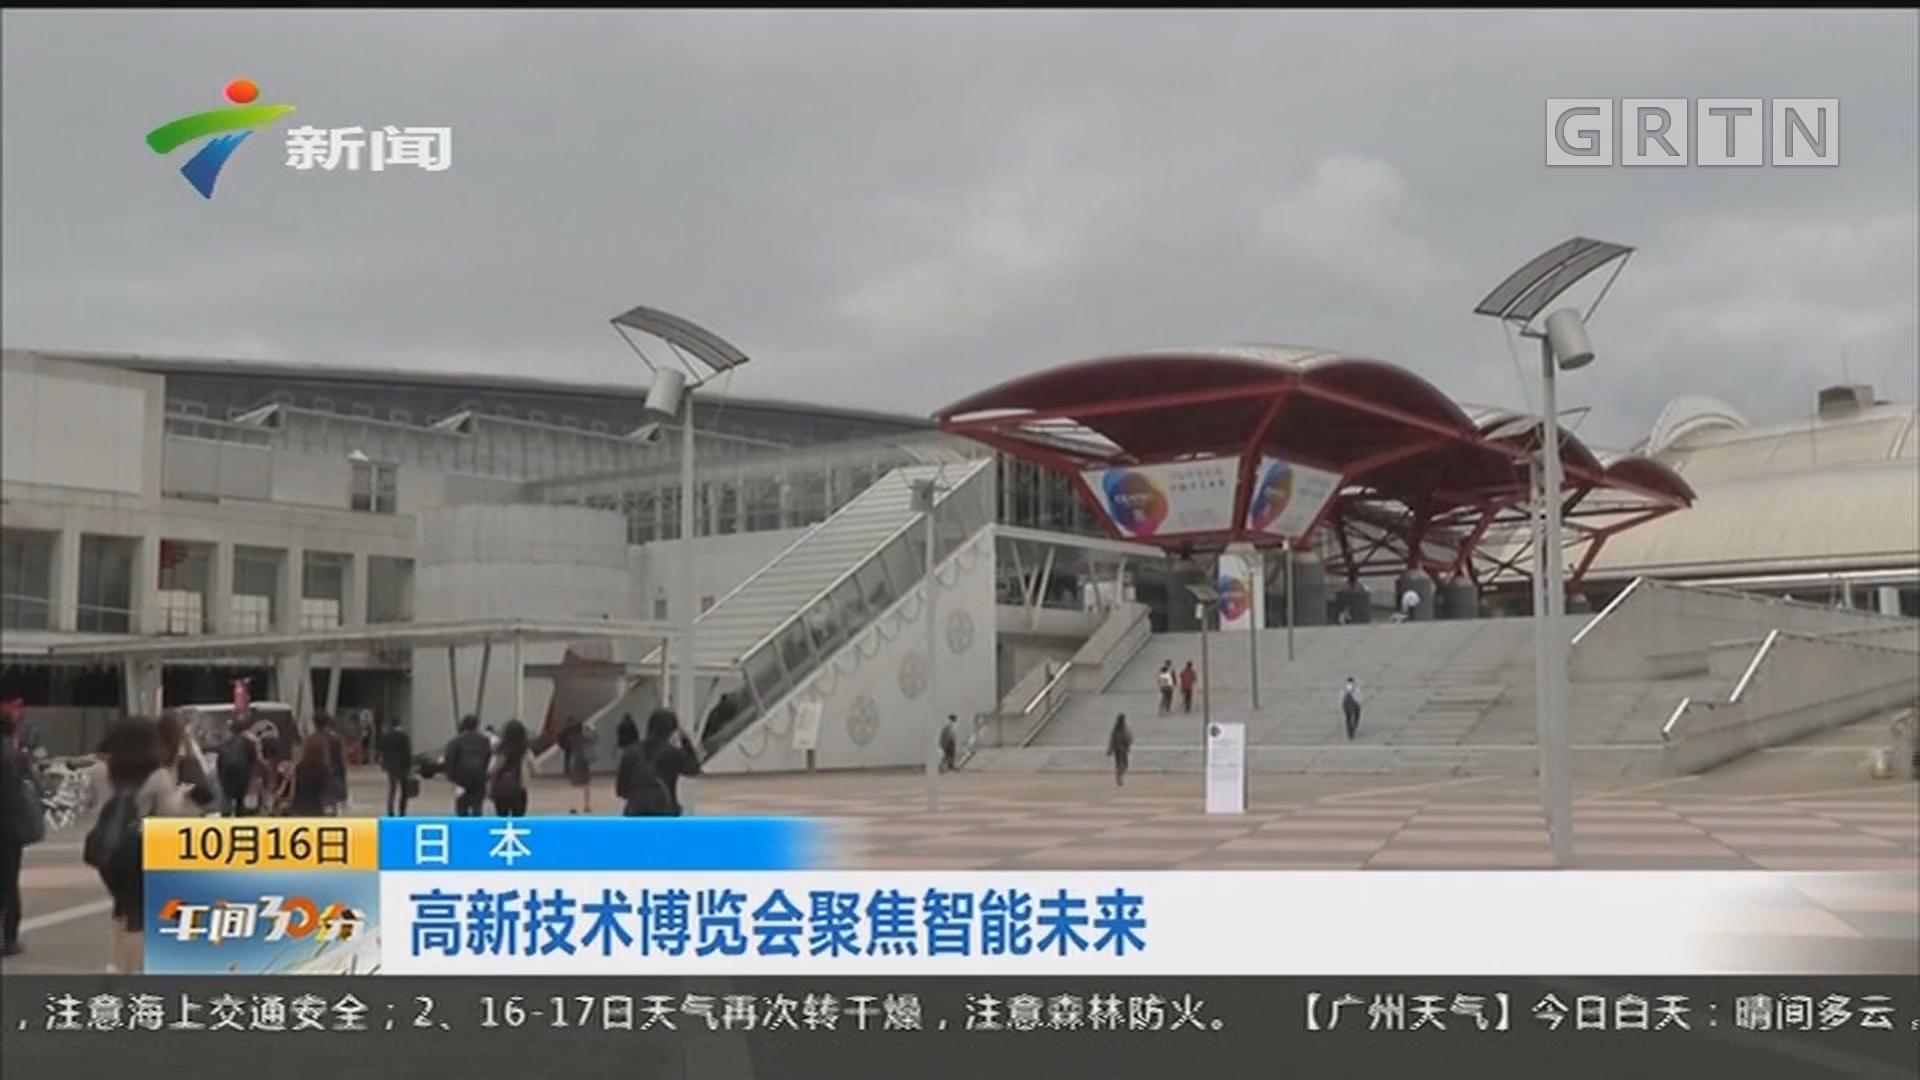 日本:高新技术博览会 聚焦智能未来